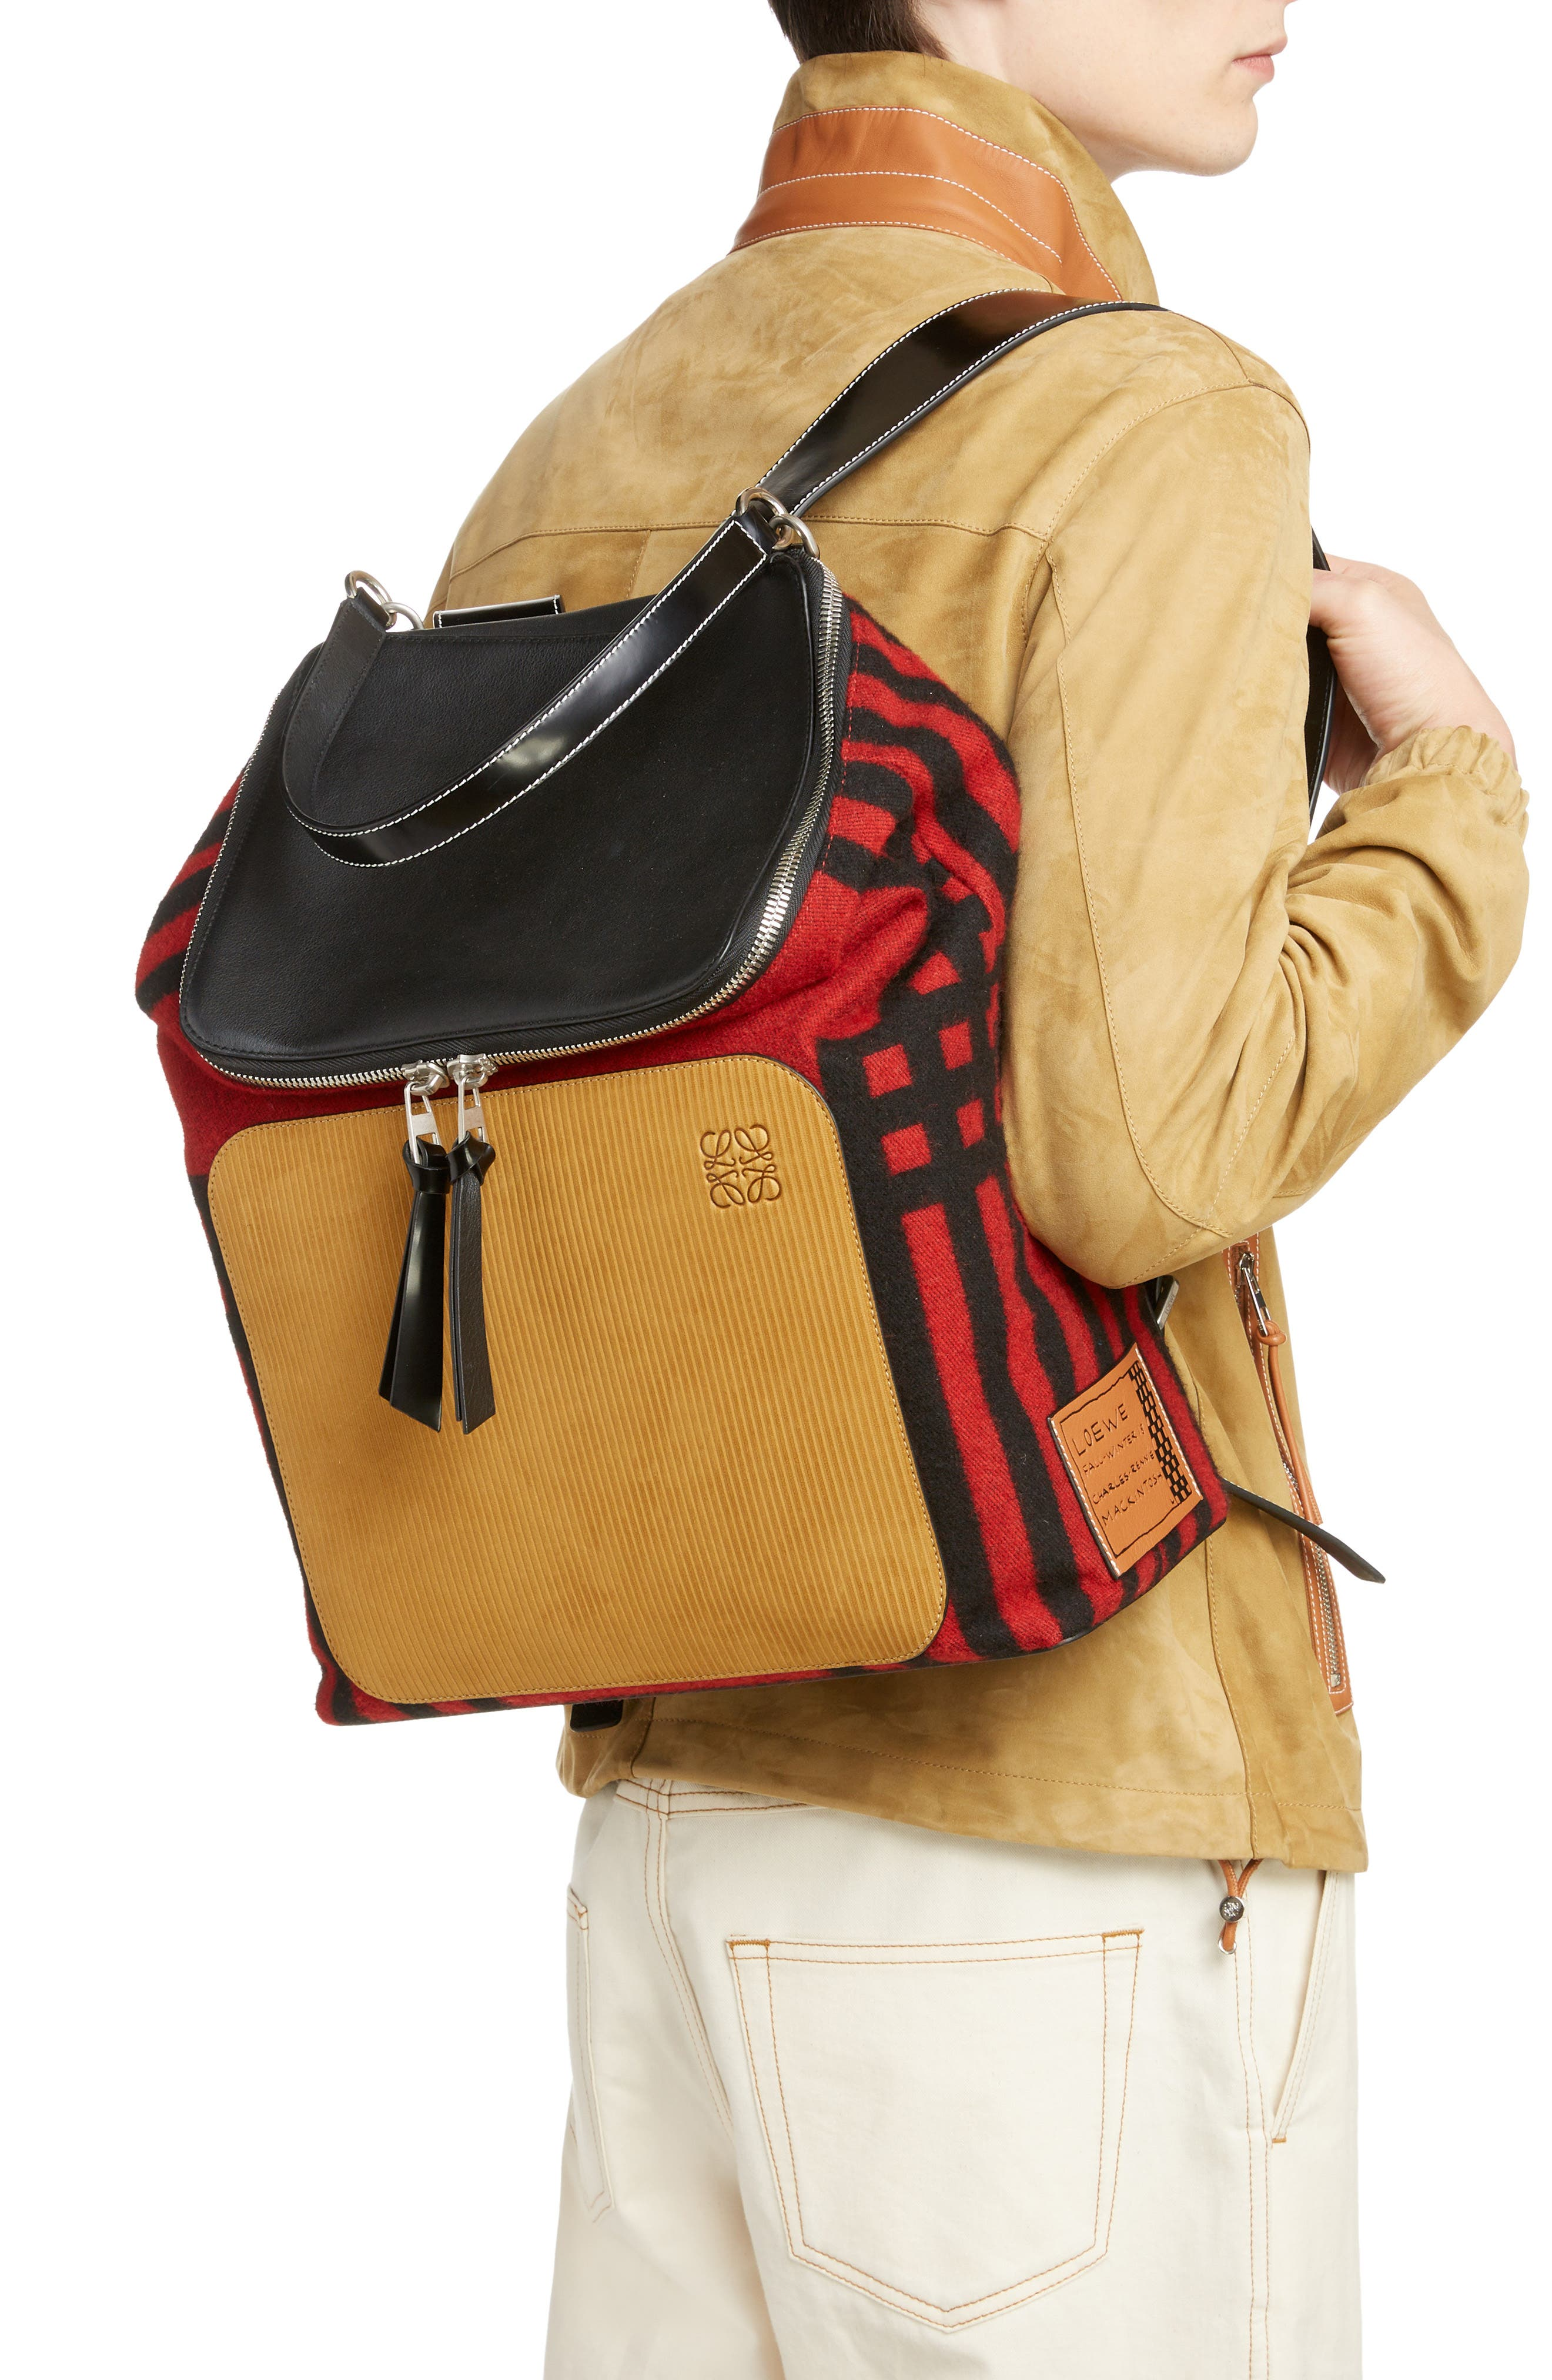 LOEWE, Goya Grid Backpack, Alternate thumbnail 2, color, SCARLET RED/BLACK